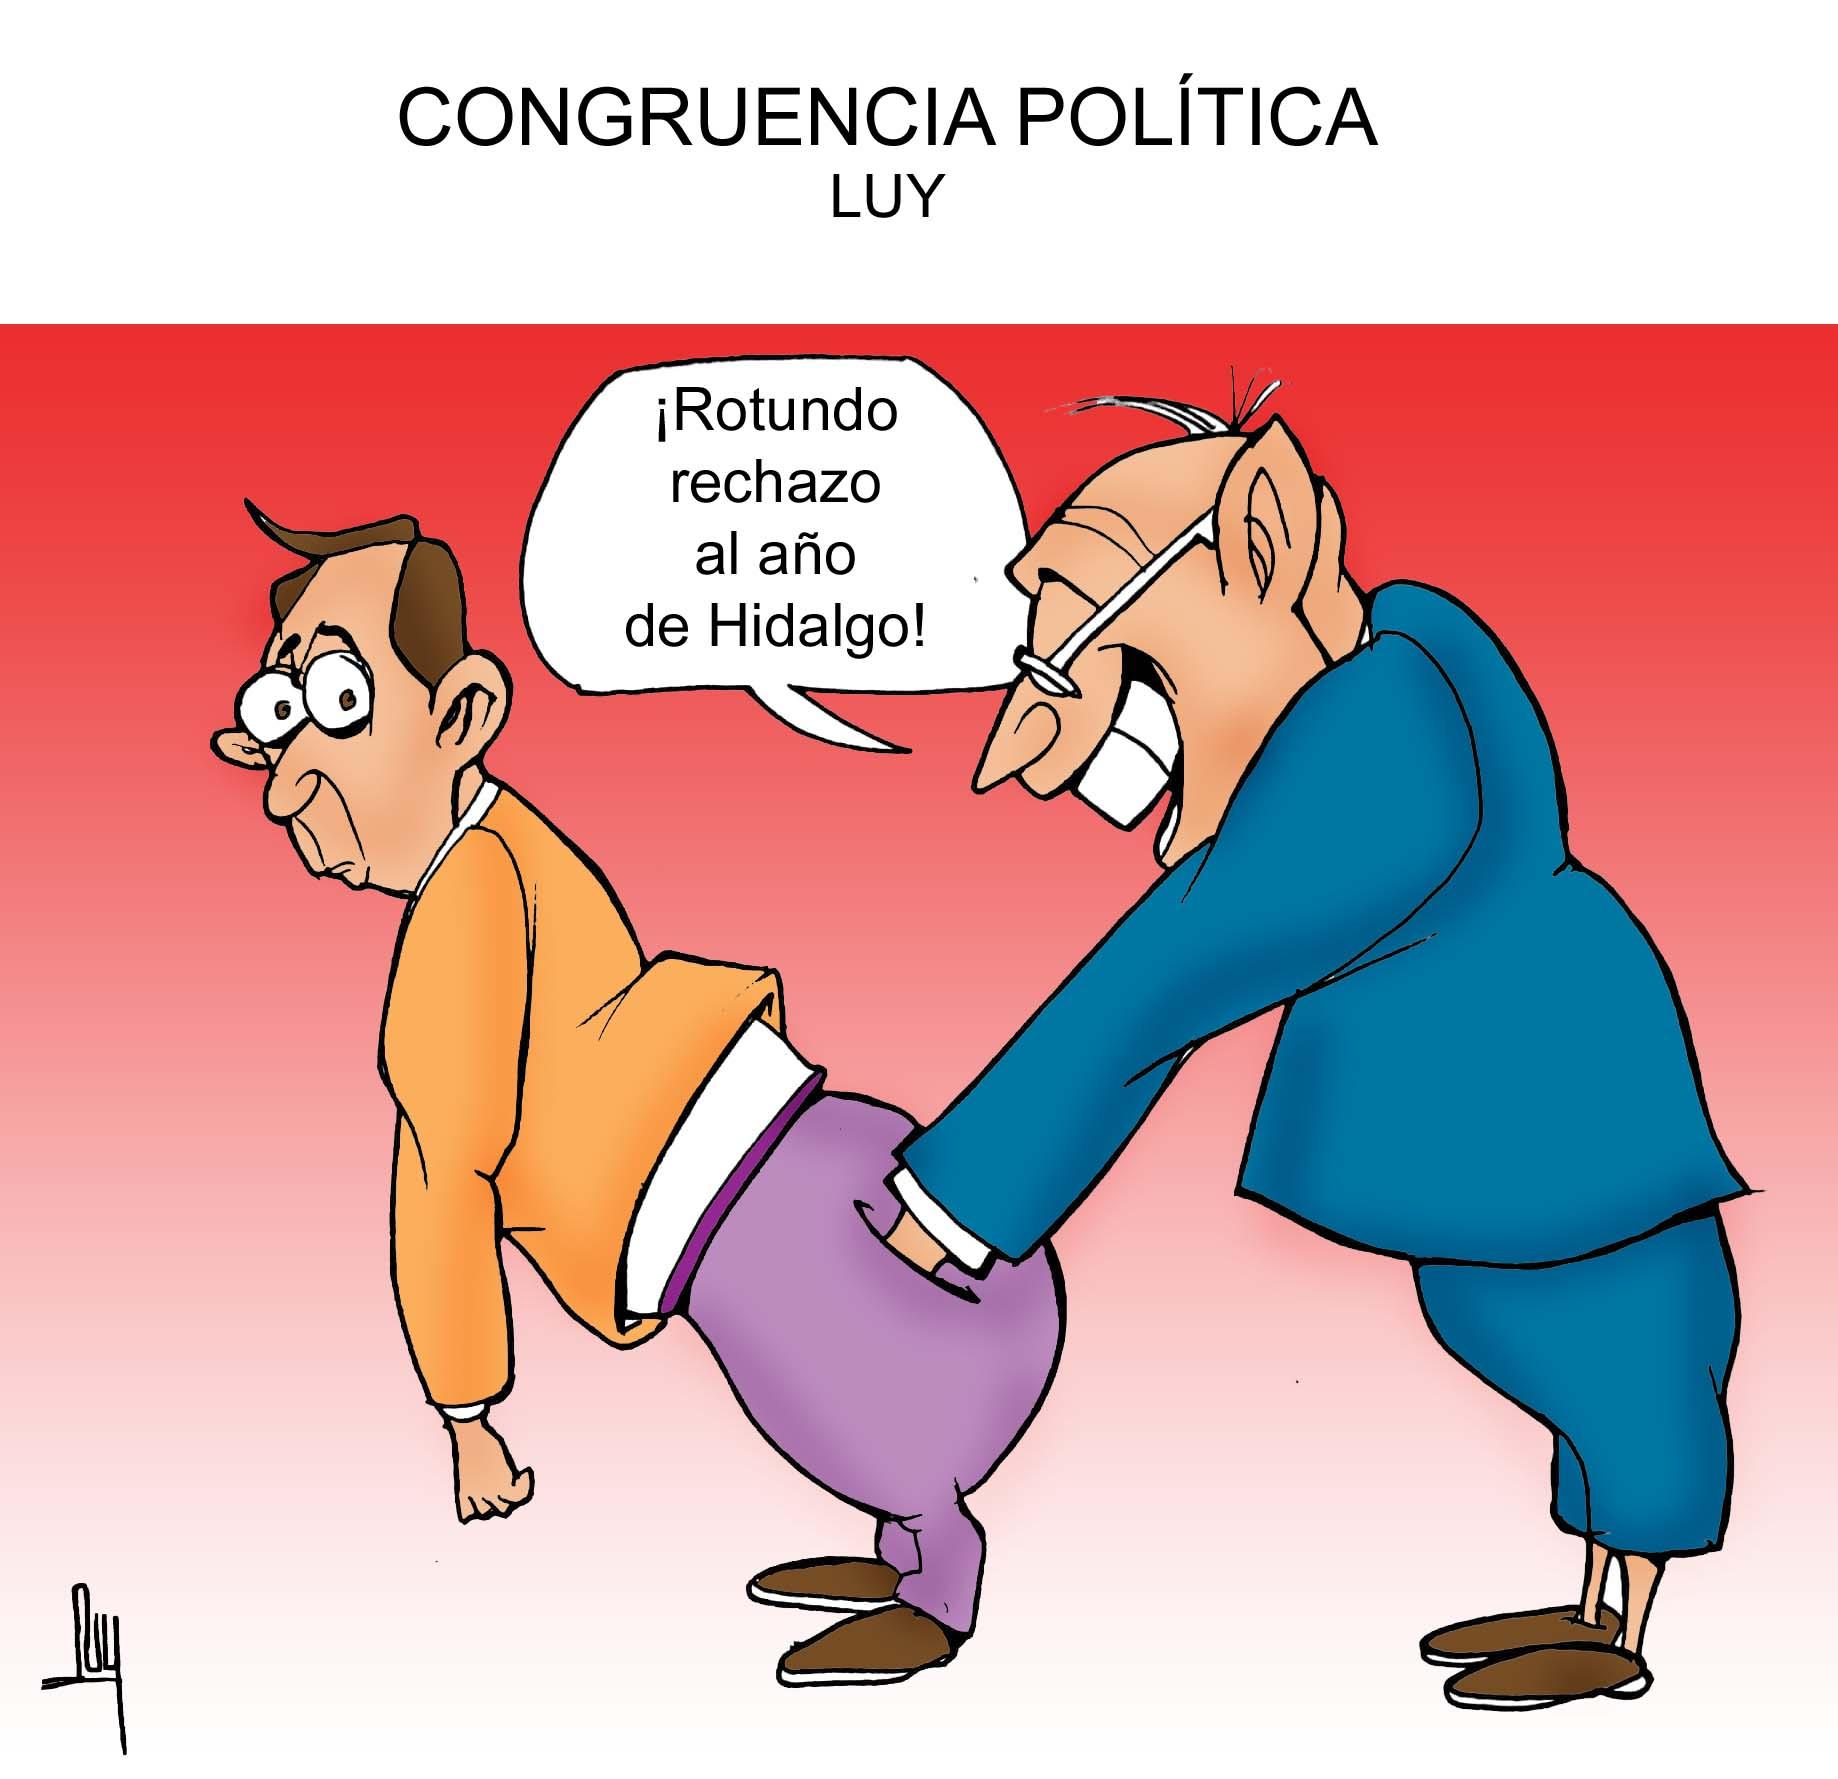 congruencia-politica